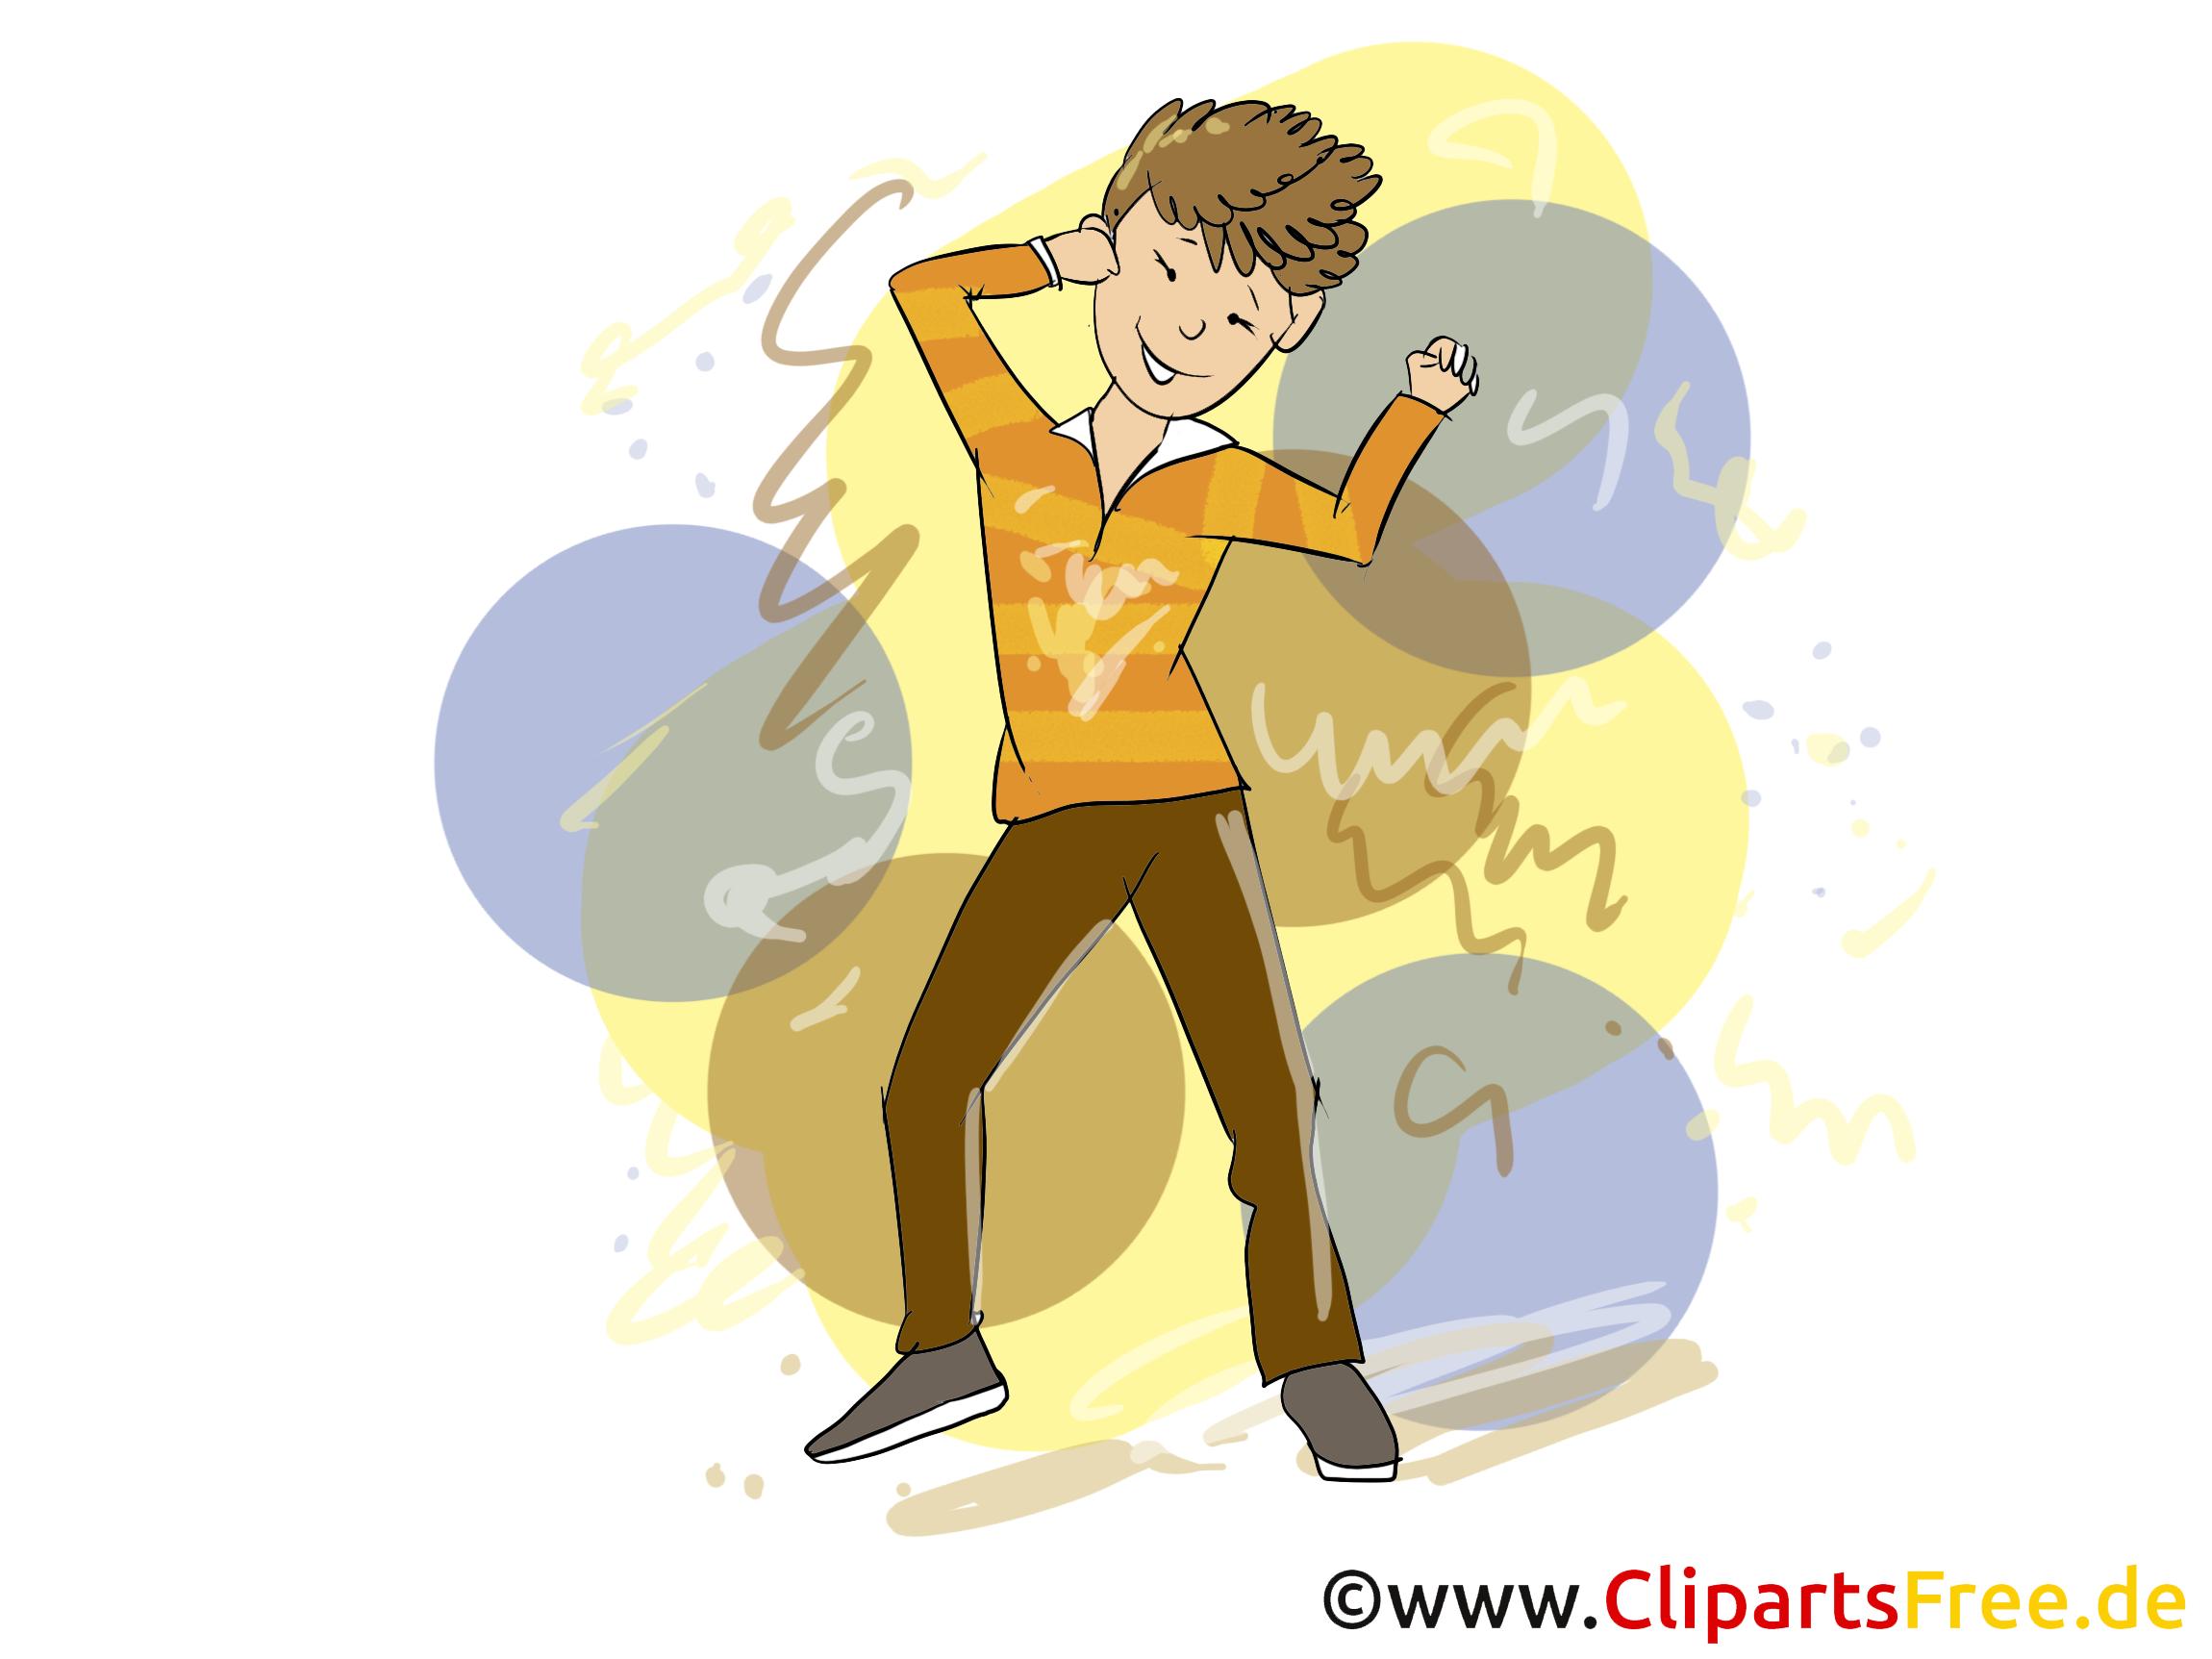 Danse dessins gratuits - Soirée clipart gratuit